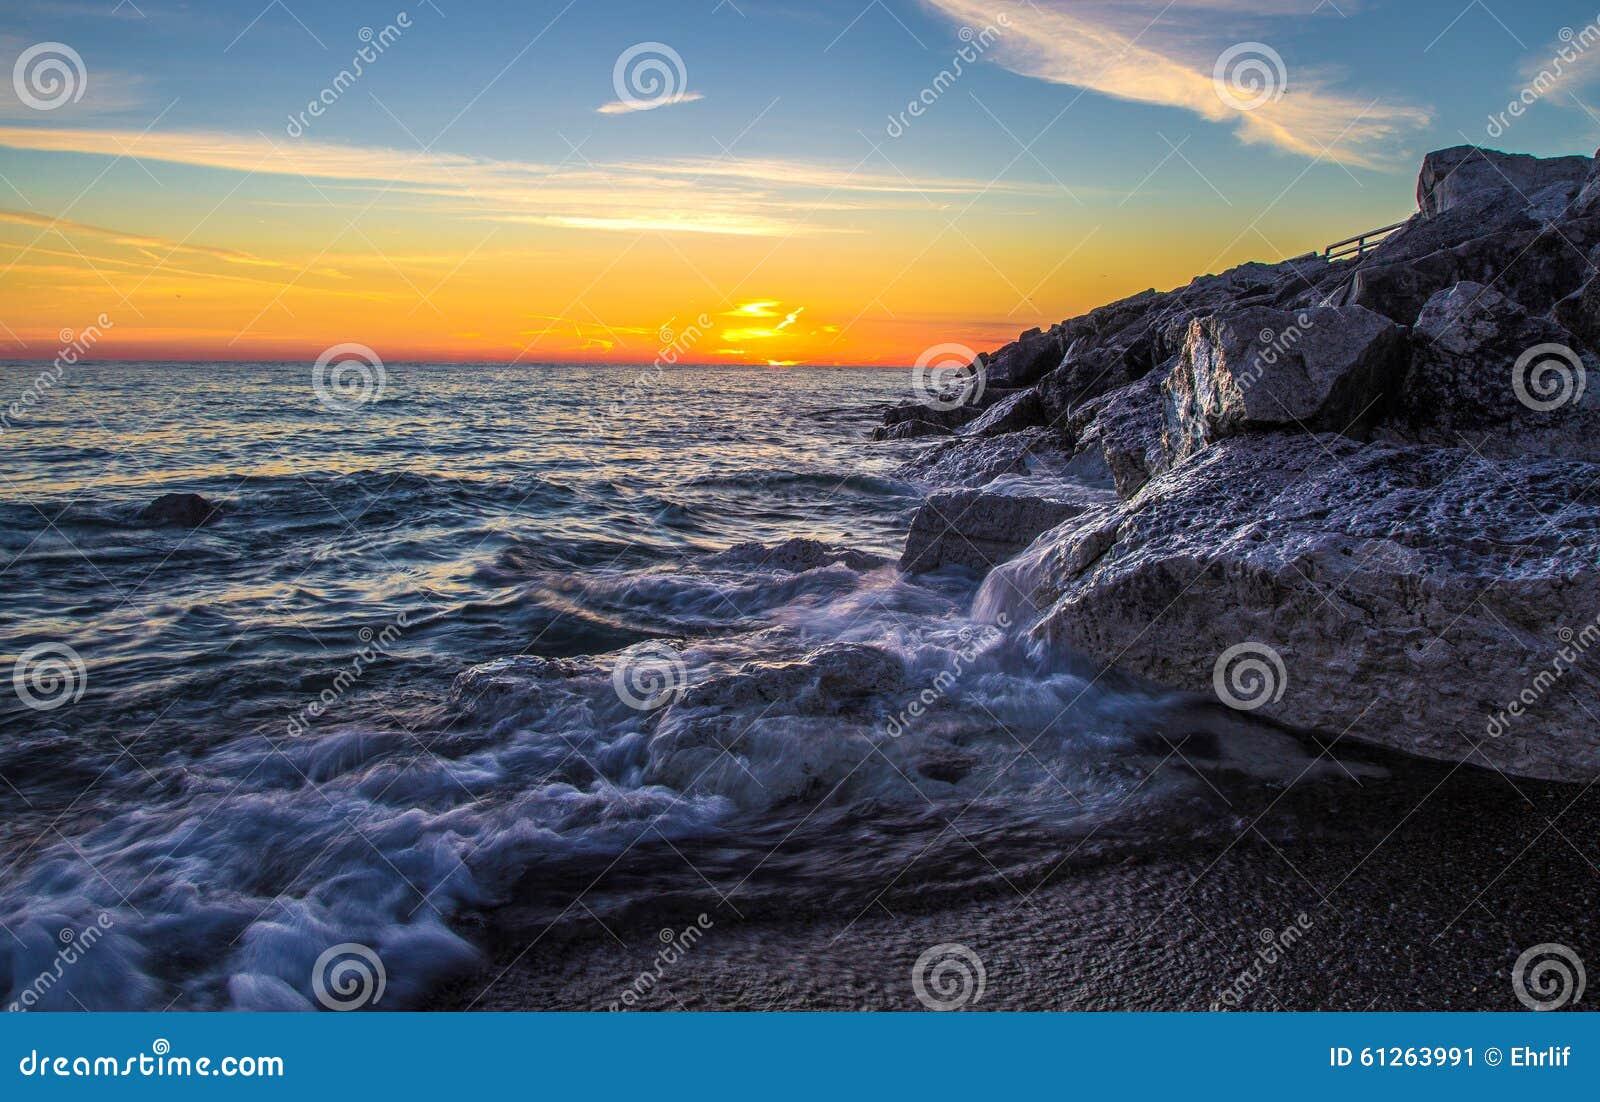 Сторона восхода солнца Великих озер